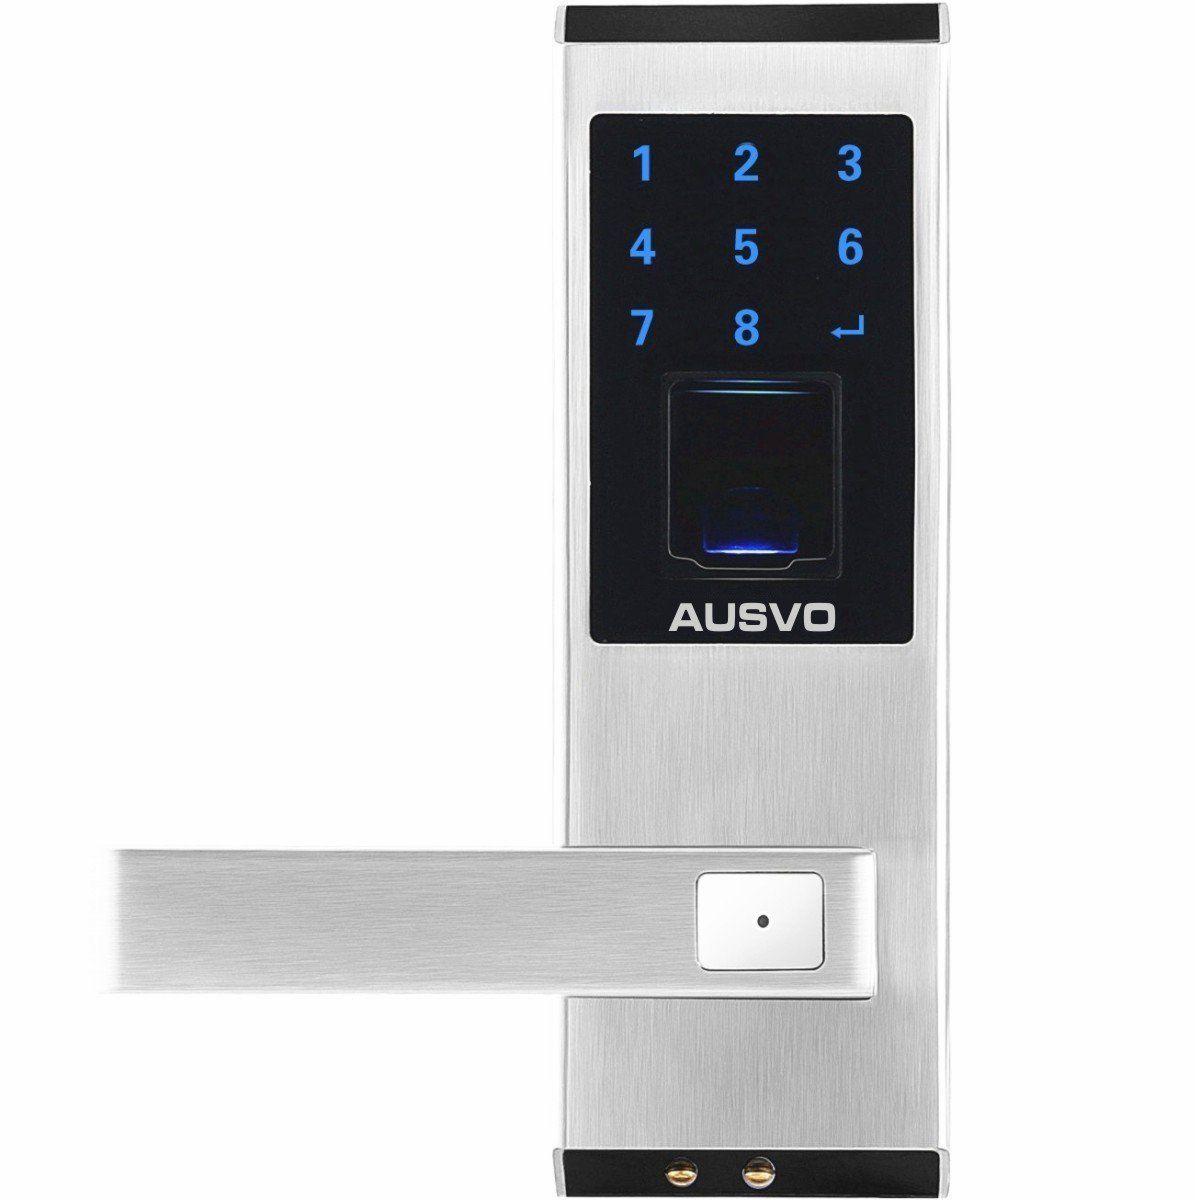 Ausvo Fingerprint Door Lock Biometric Smart Keyless Digital Touchscreen Fingerprint Door Lock Smart Lock Keyless Door Lock